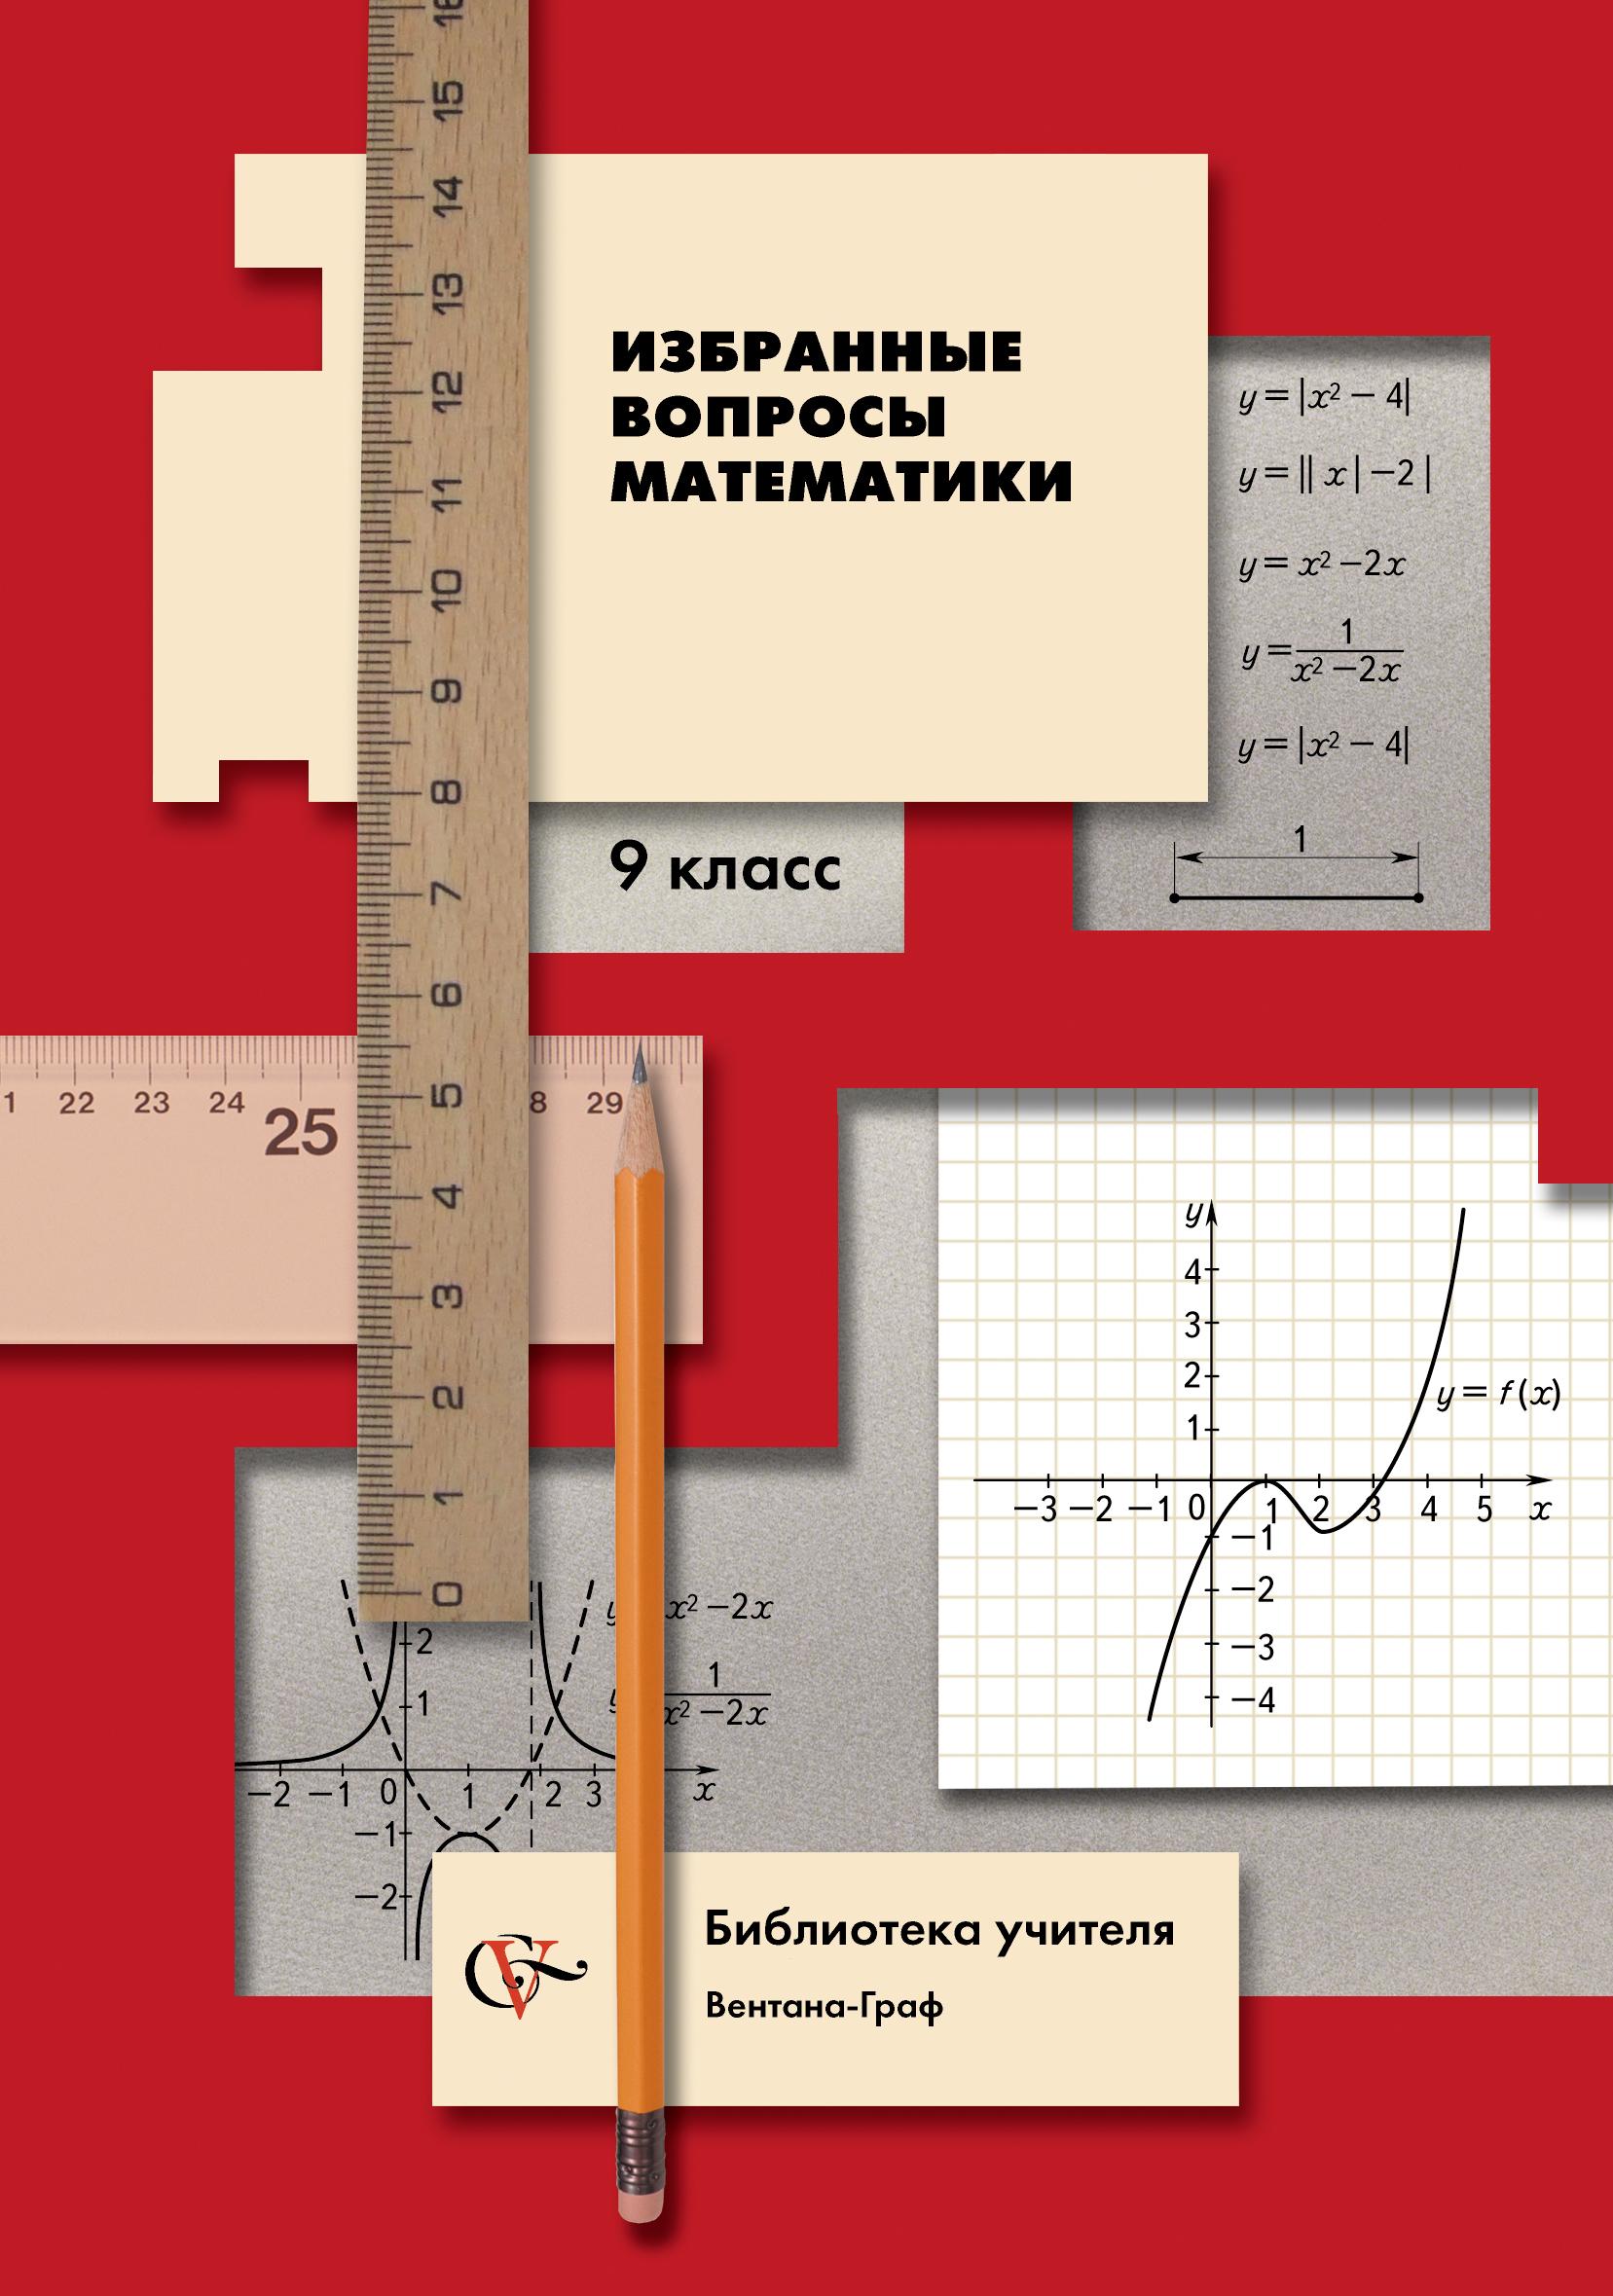 Избранные вопросы математики. 9кл. Методическое пособие. Изд.1